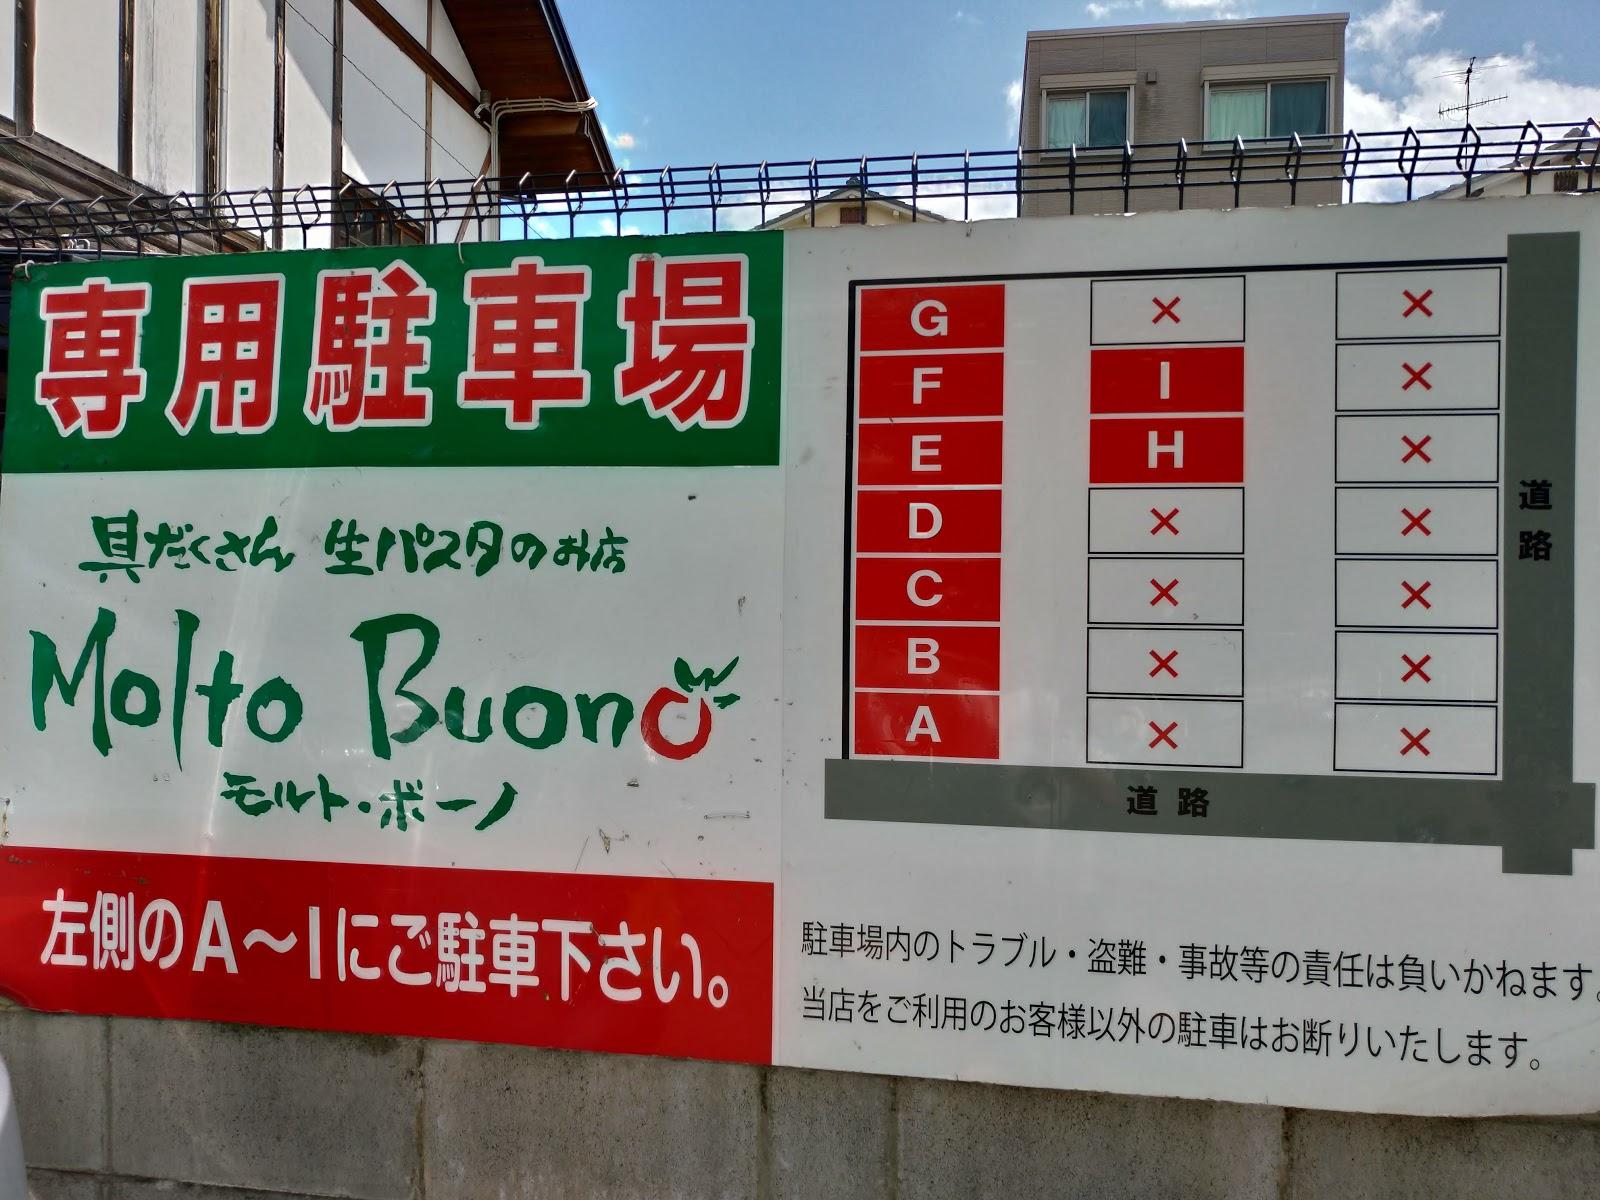 池田市ランチおすすめイタリアンモルトボーノ駐車場